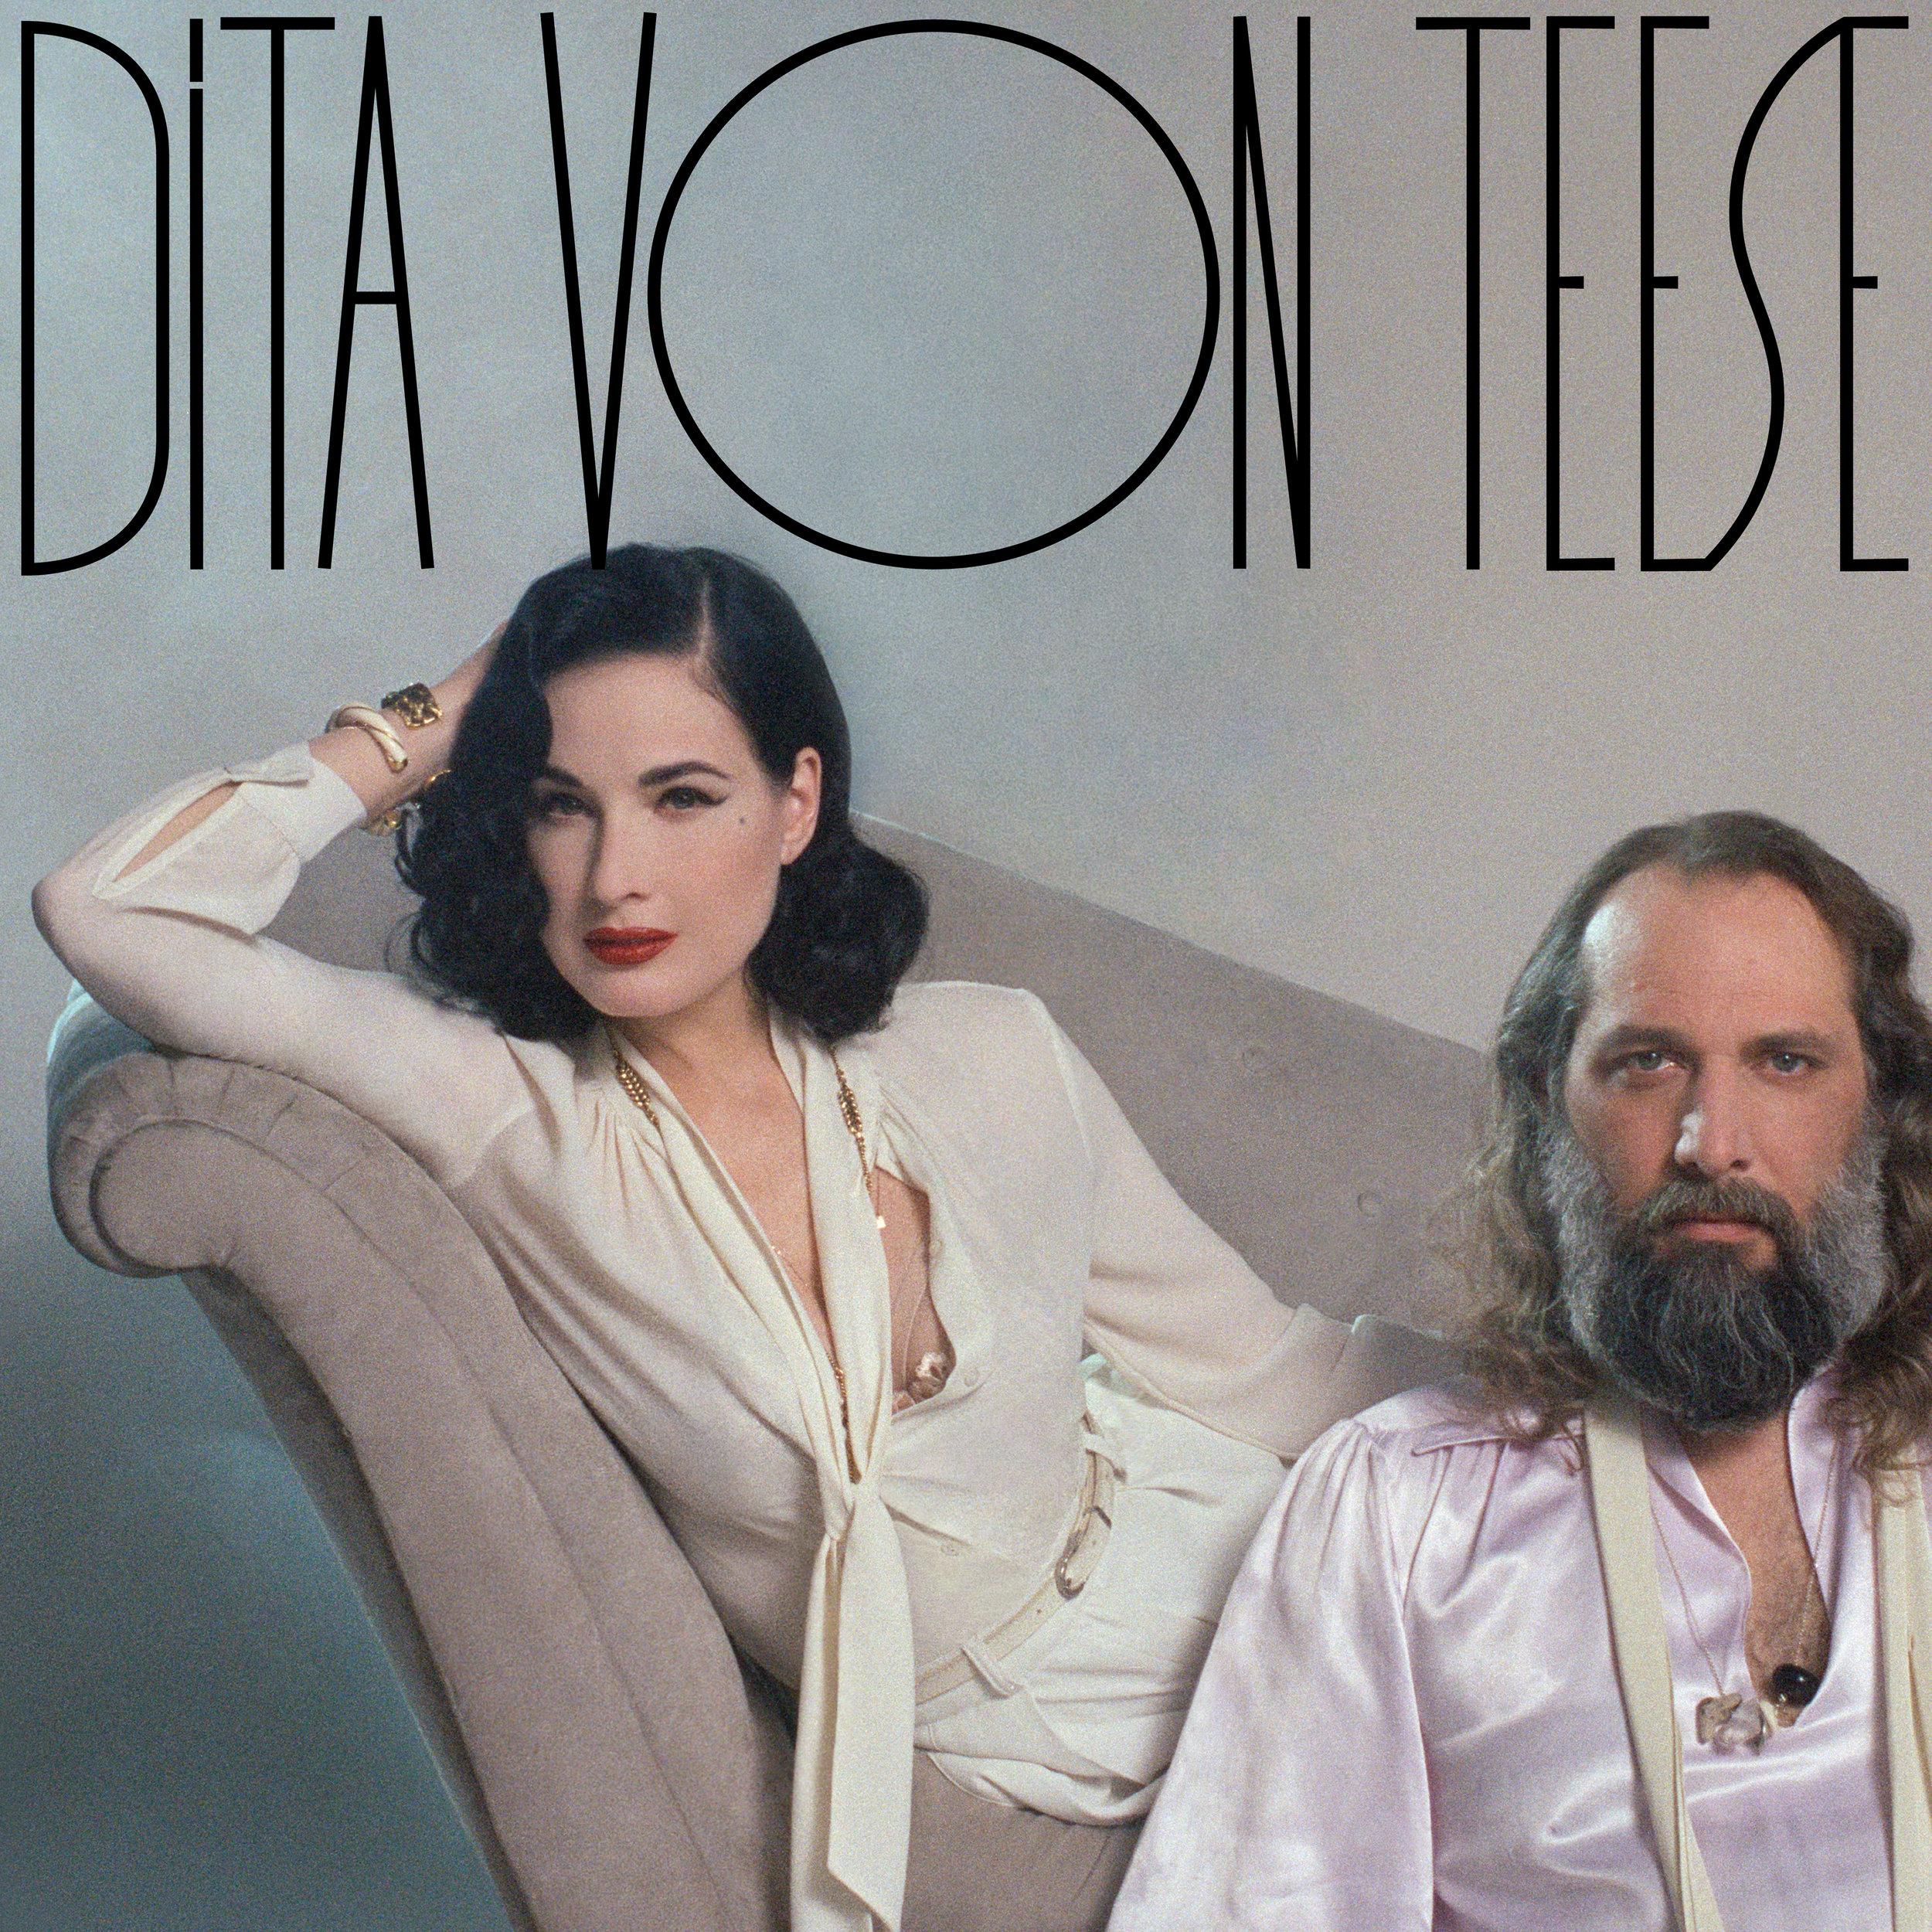 Dita Von Teese - Dita Von Teese (artwork).jpg